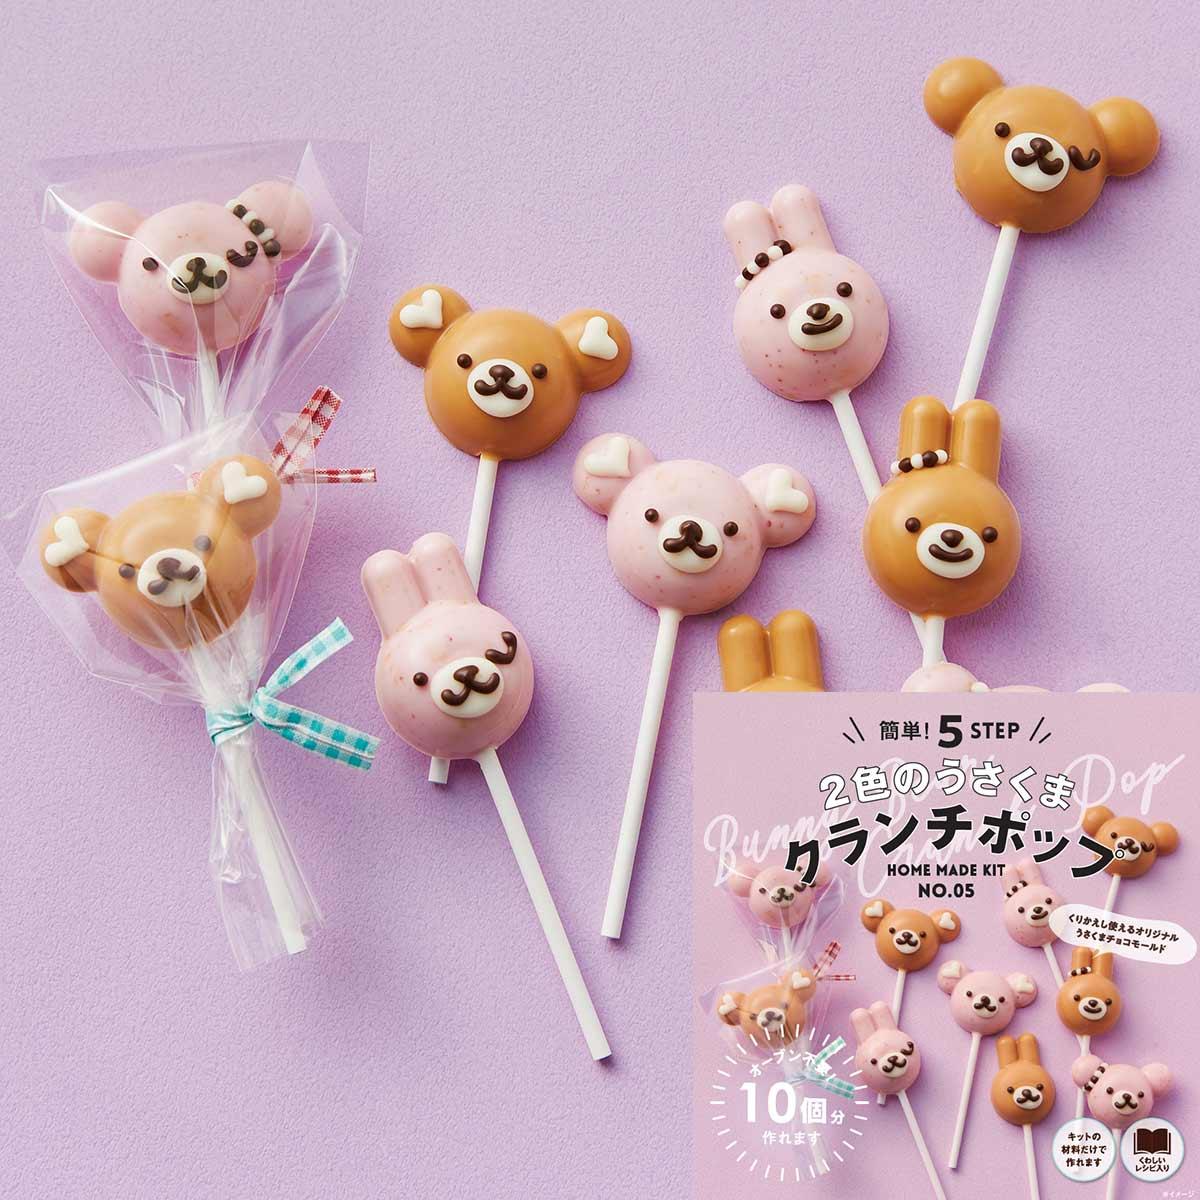 30個作れる手作りキット チョコケーキポップ ロリポップ ラッピング付き ロリポップ 簡単 友チョコ かわいい 可愛い 友チョコ バレンタイン 手作り 製菓 手作りキット